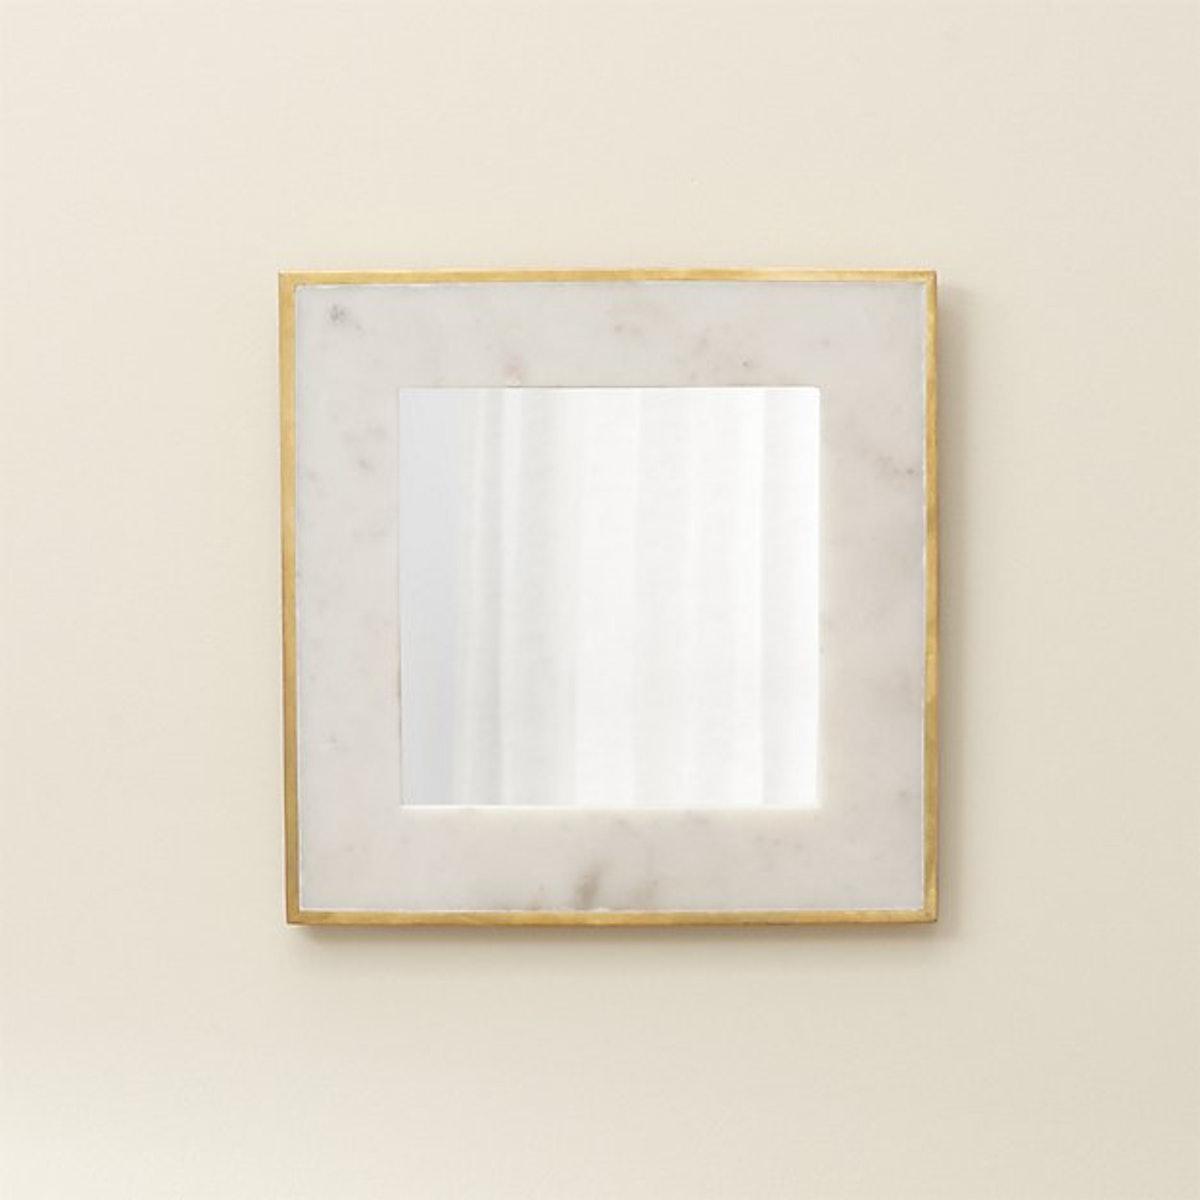 Blanche Square Wall Mirror